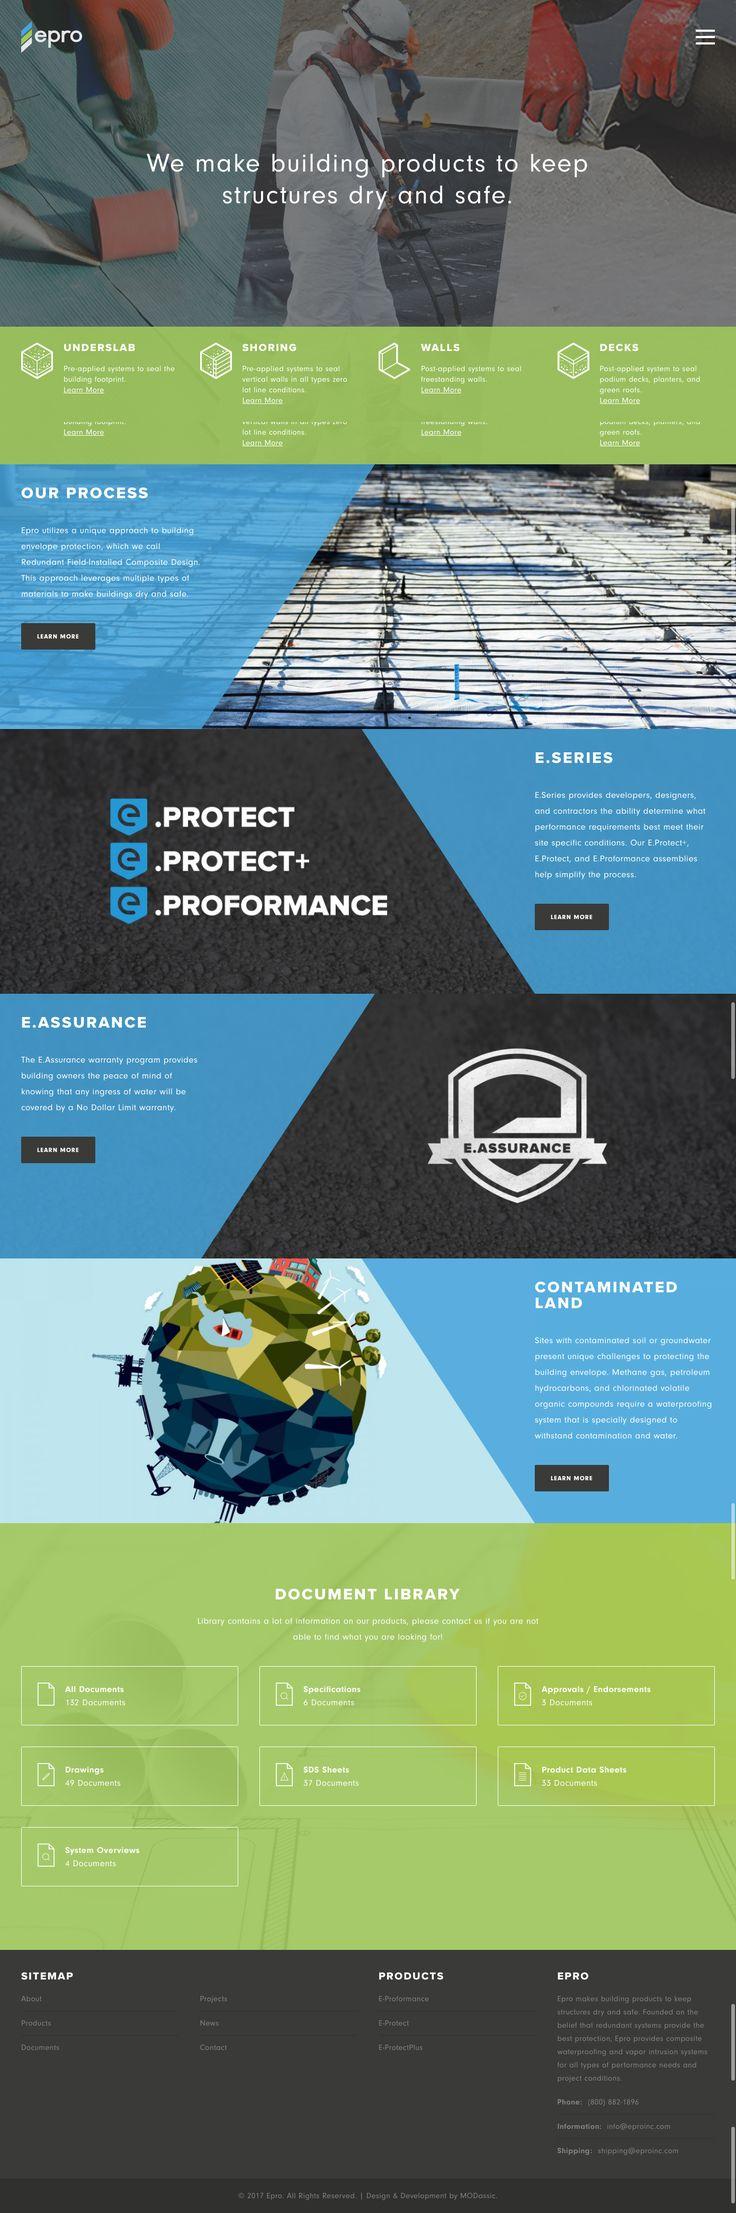 Custom rebranding & website design for EPRO by MODassic Marketing